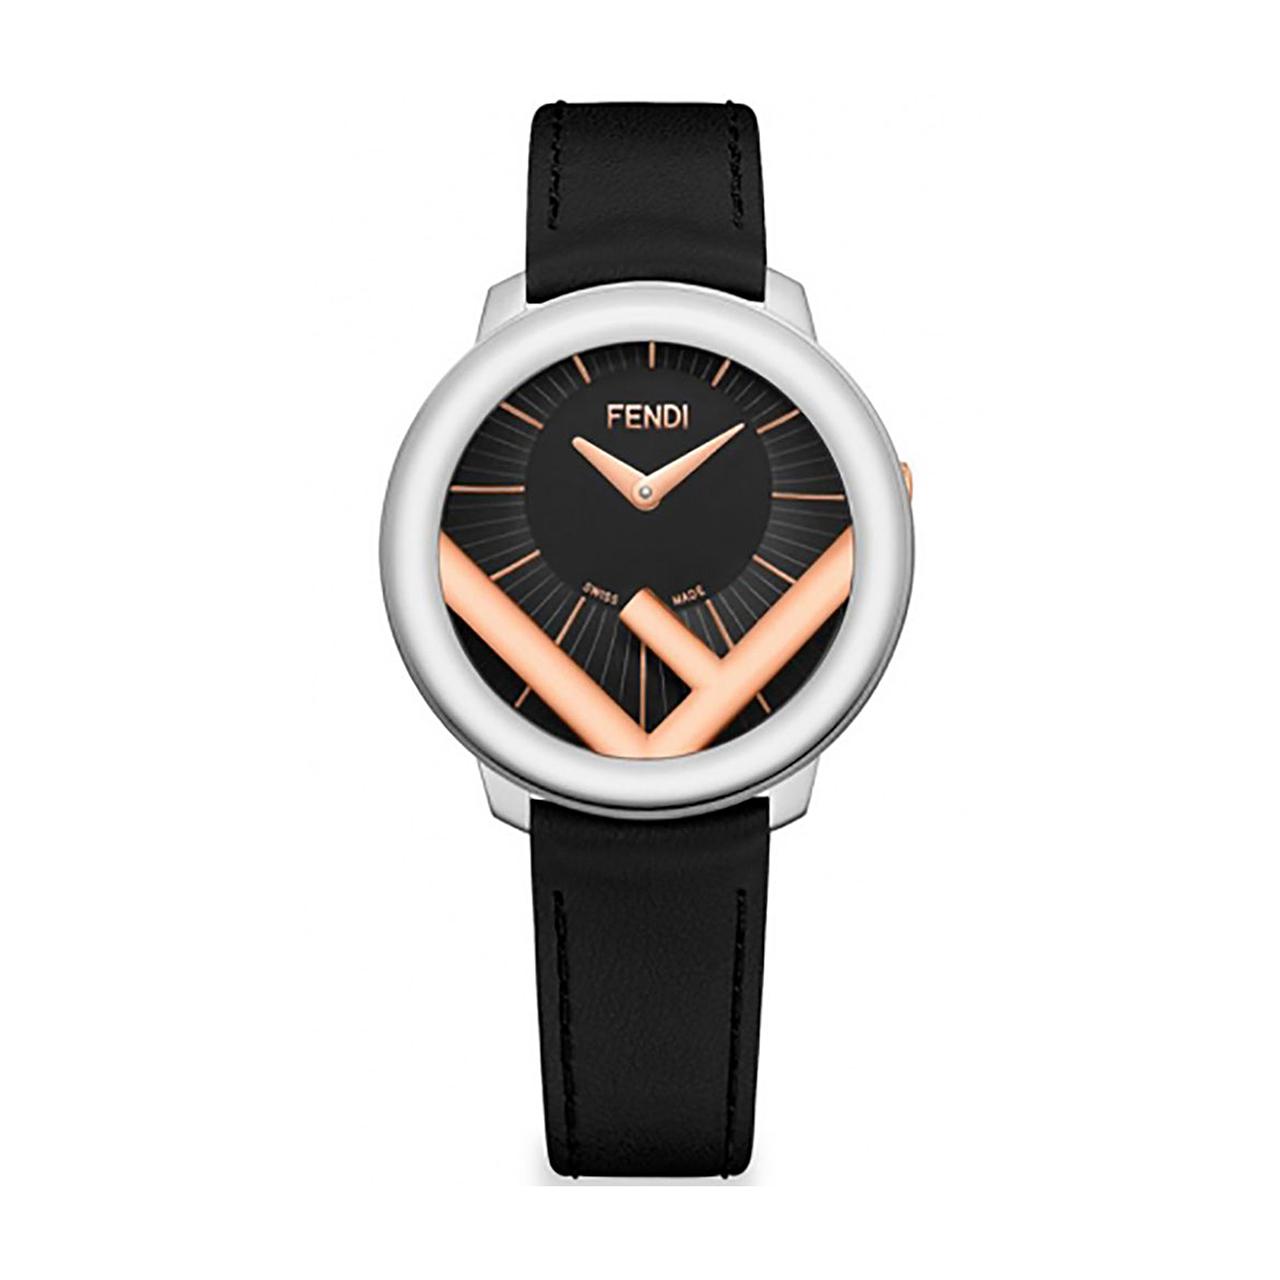 خرید ساعت مچی عقربه ای زنانه فندی مدل F710231011